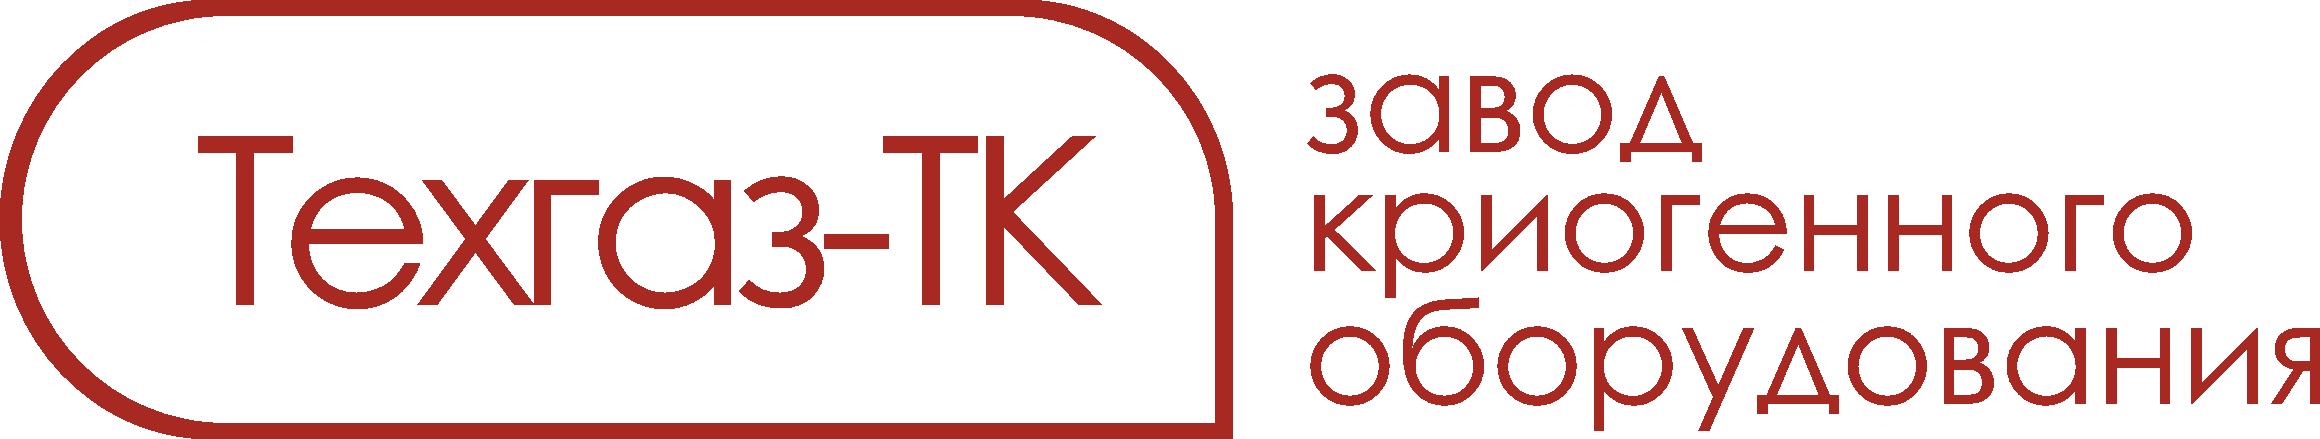 Техгаз-ТК